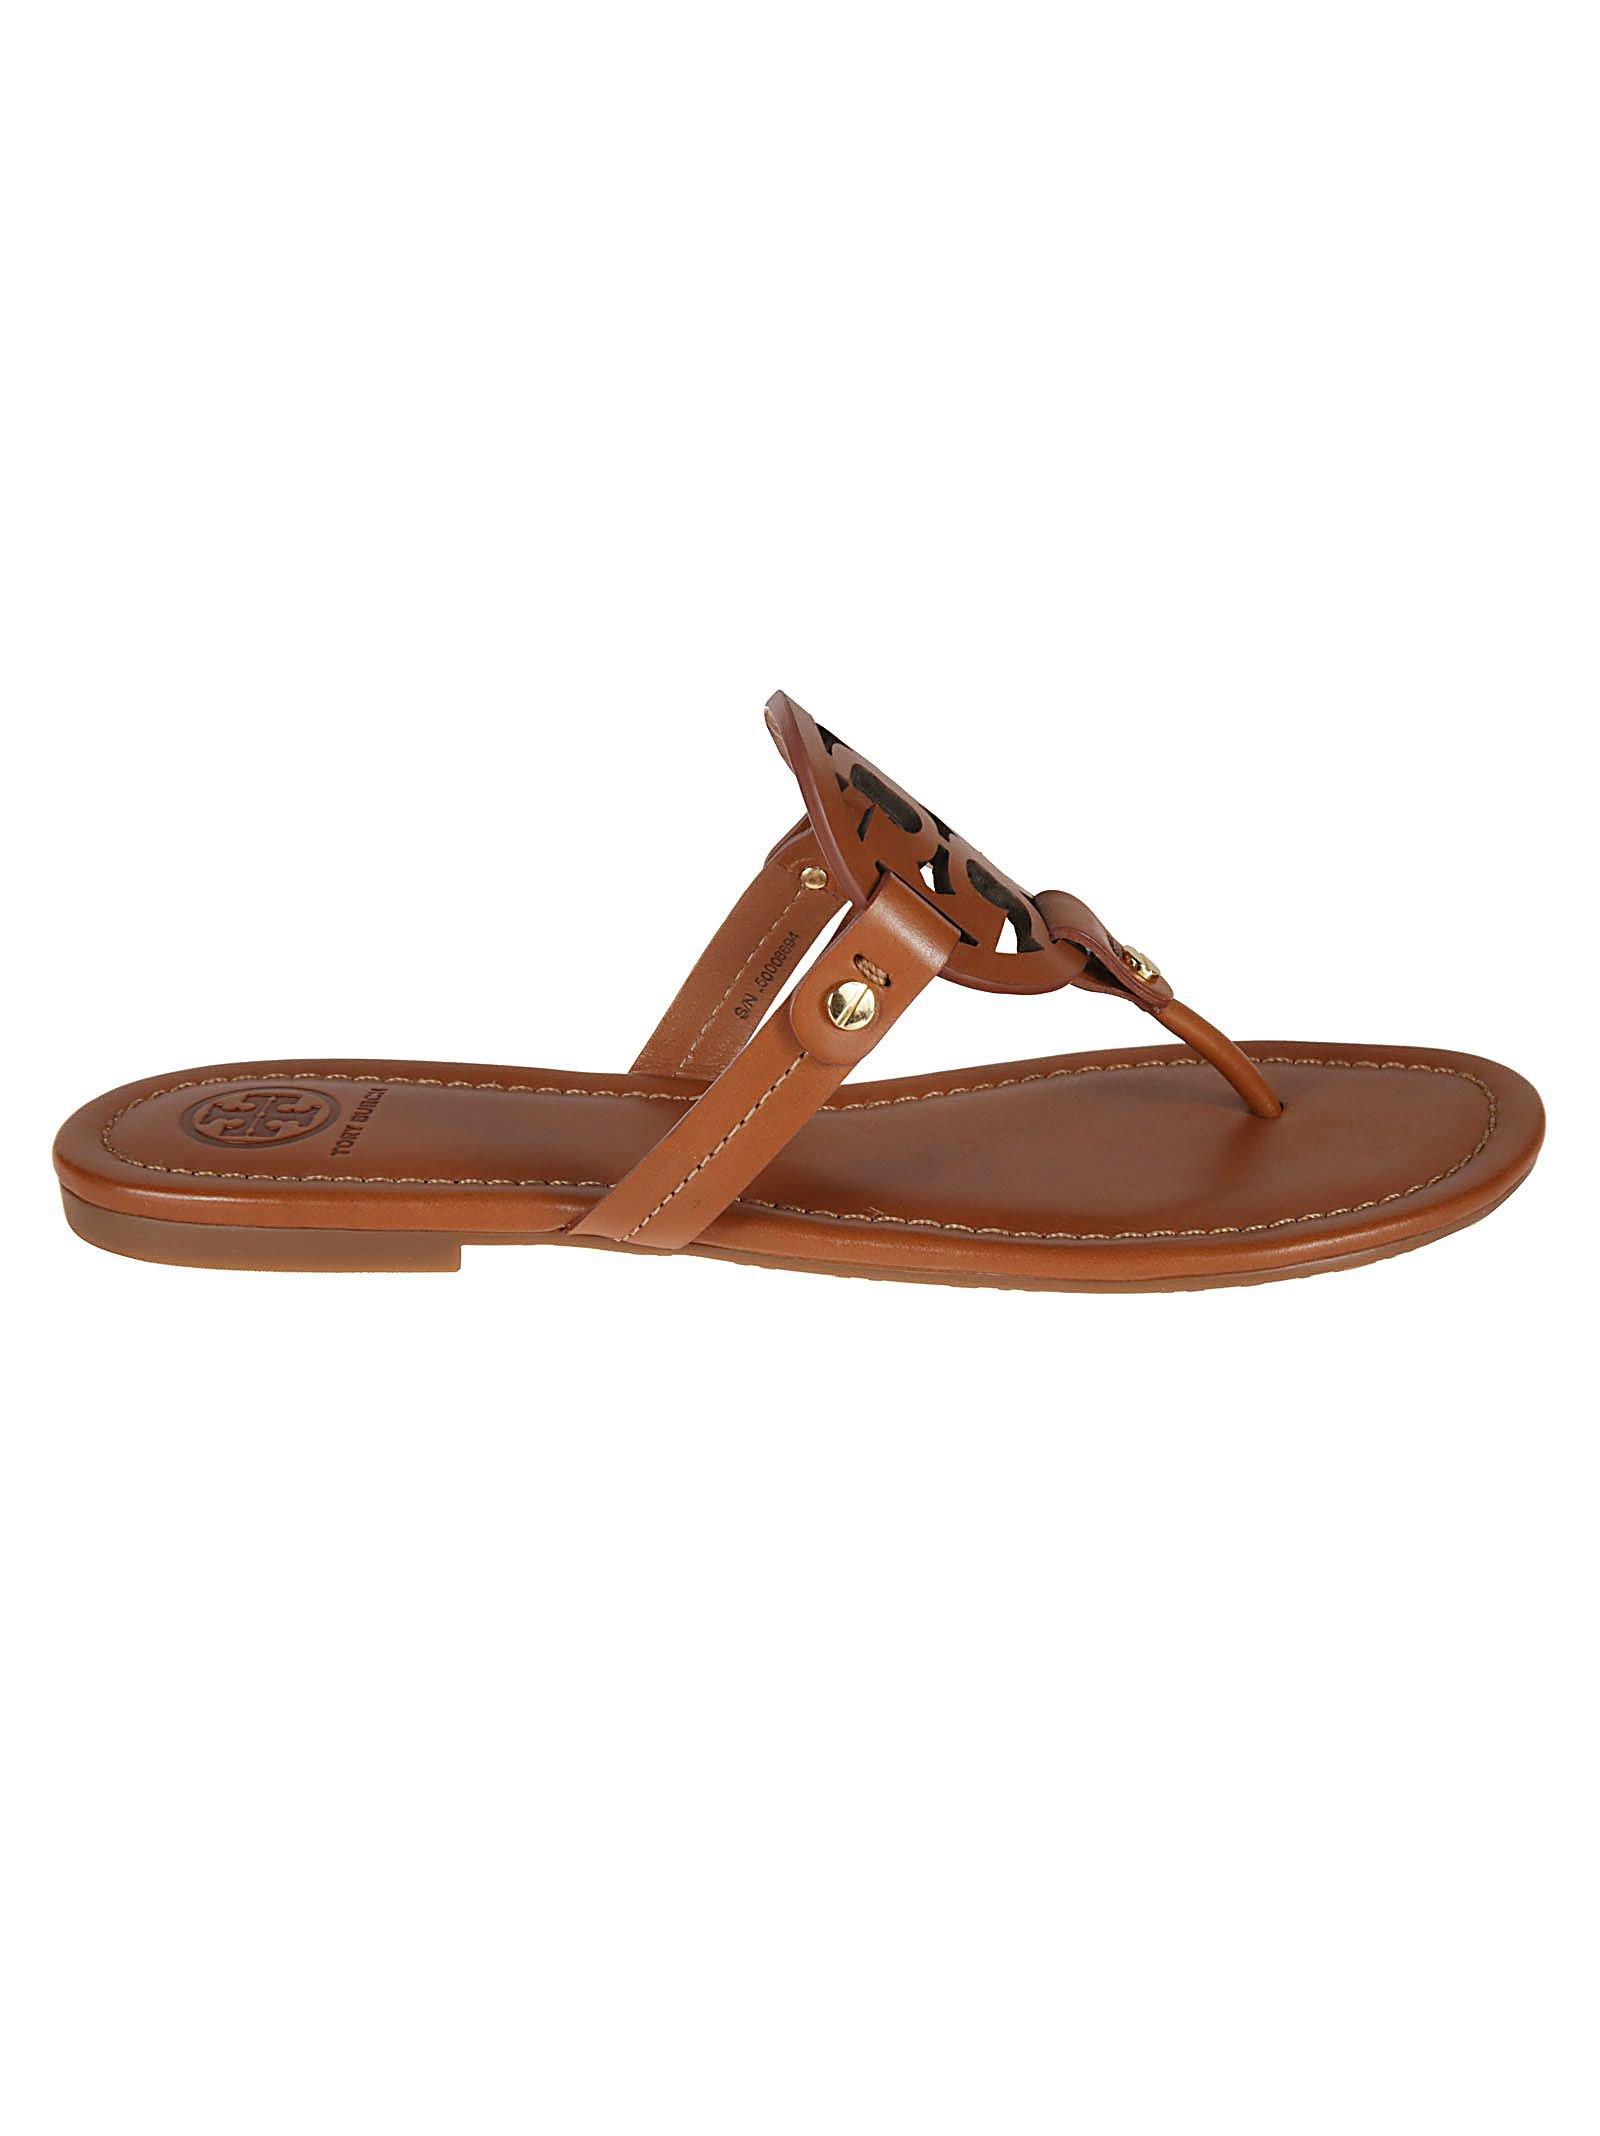 Tory Burch Miller Logo Detail Sandals